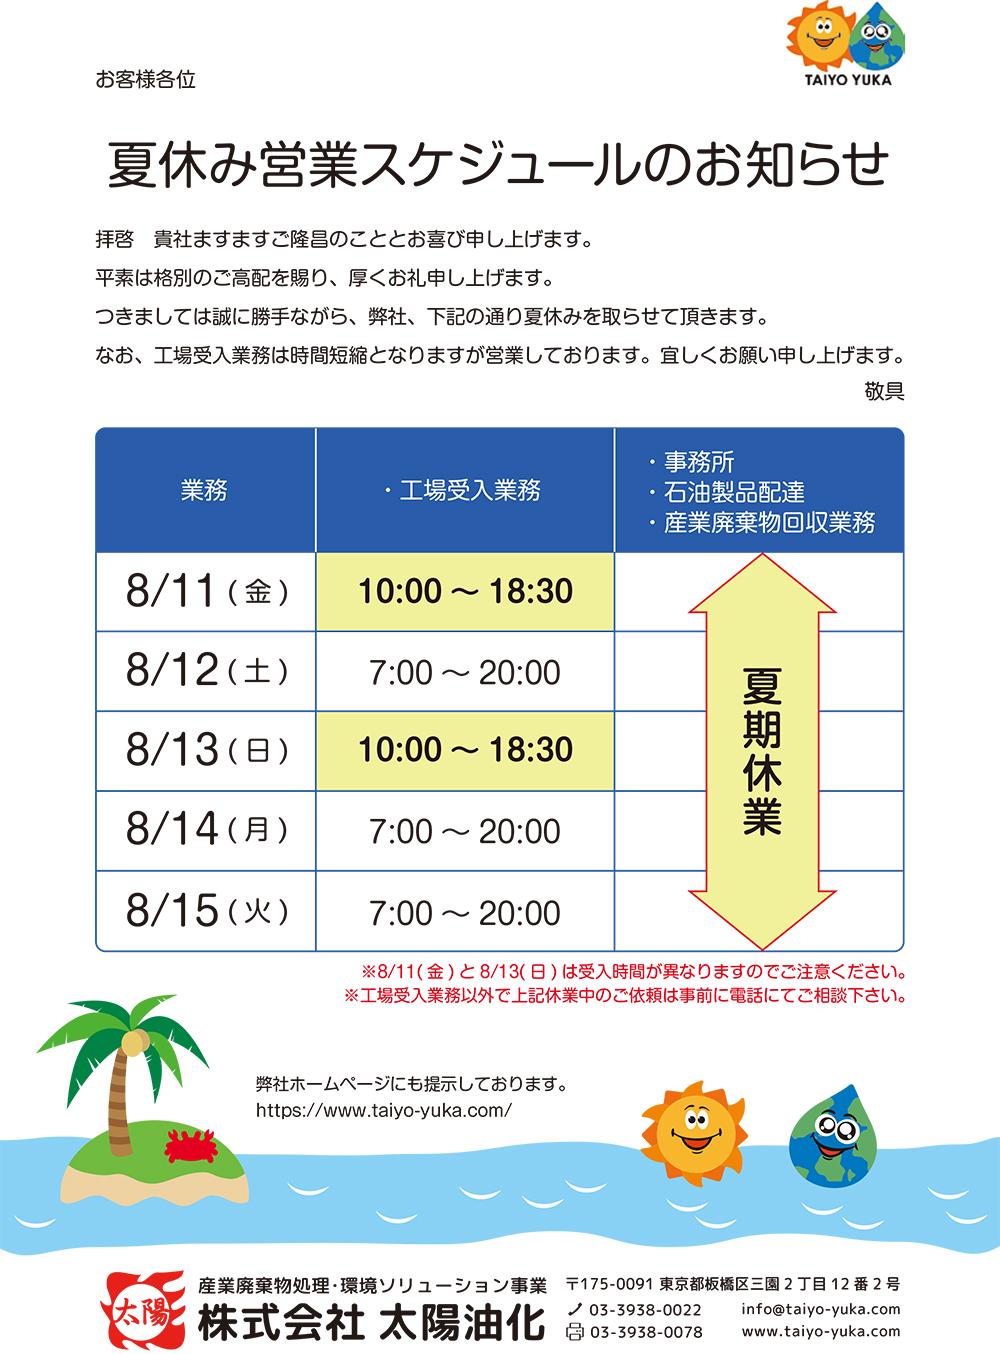 夏休み営業スケジュールのお知らせ